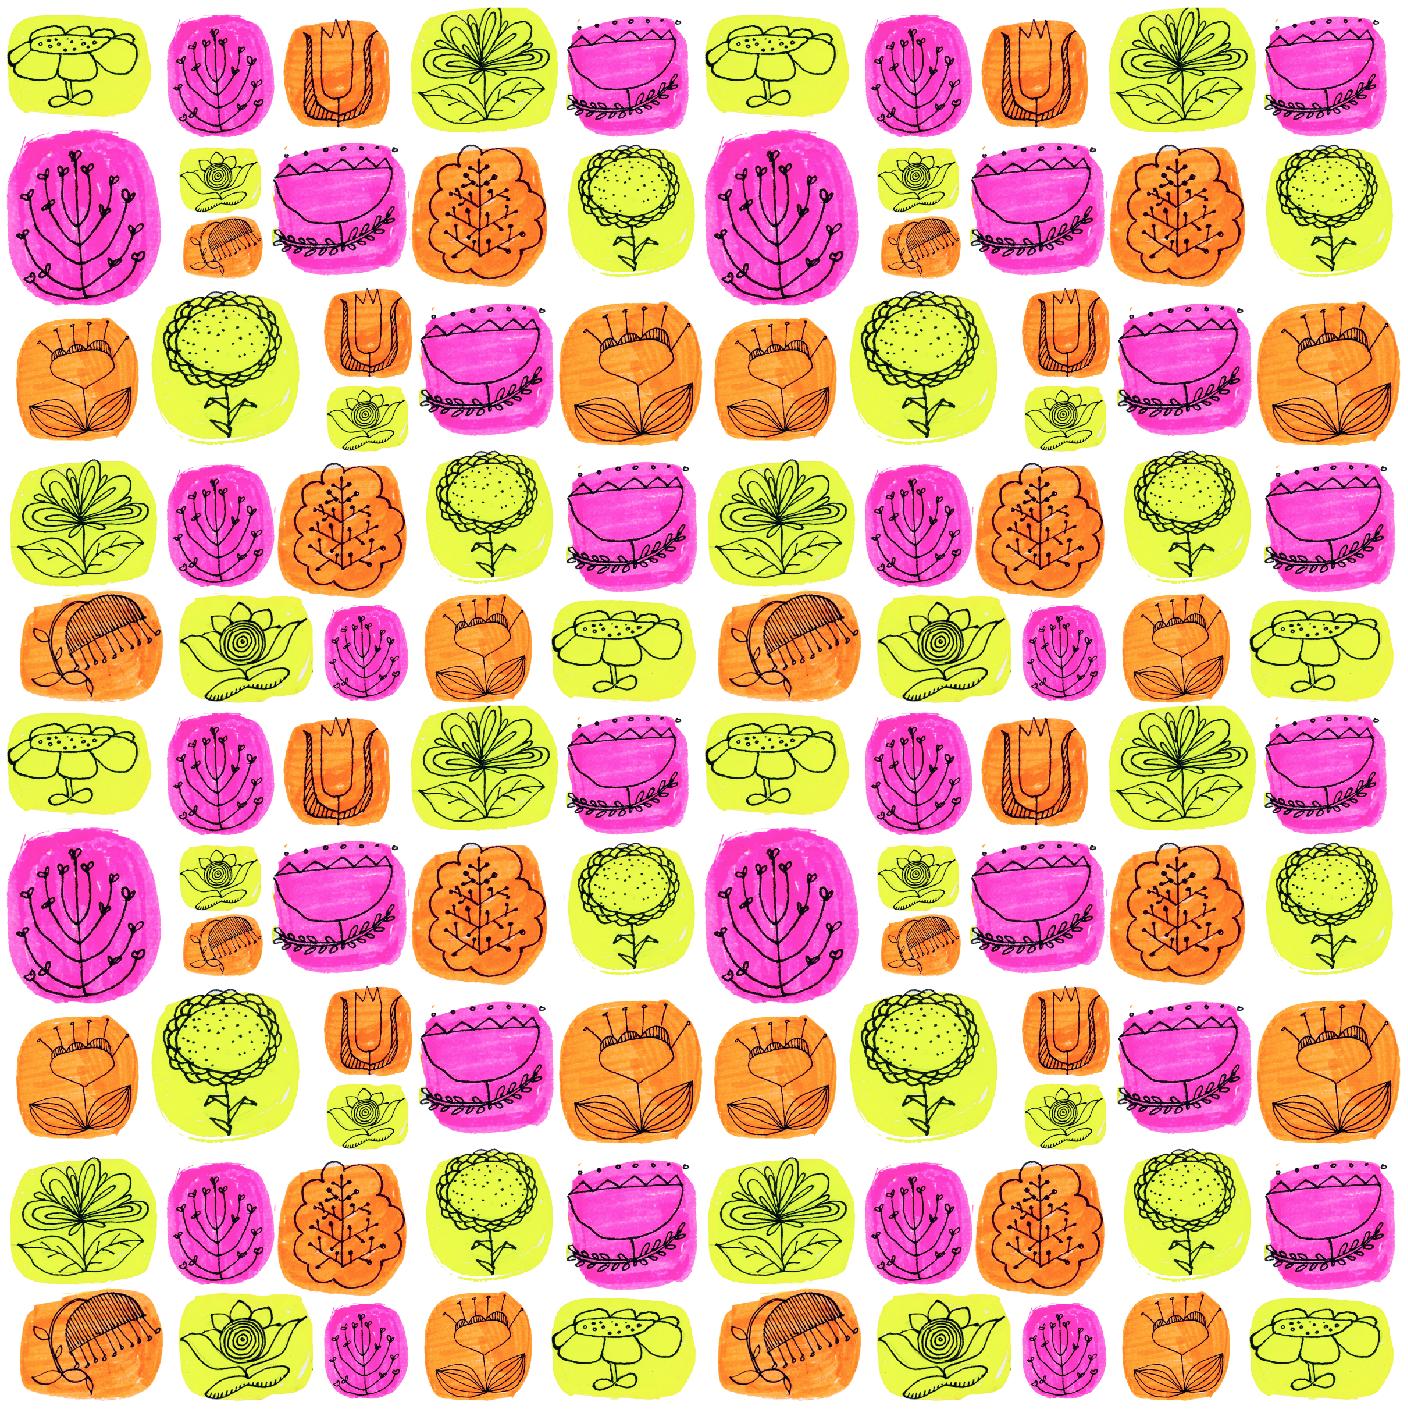 Old Skool repeat pattern